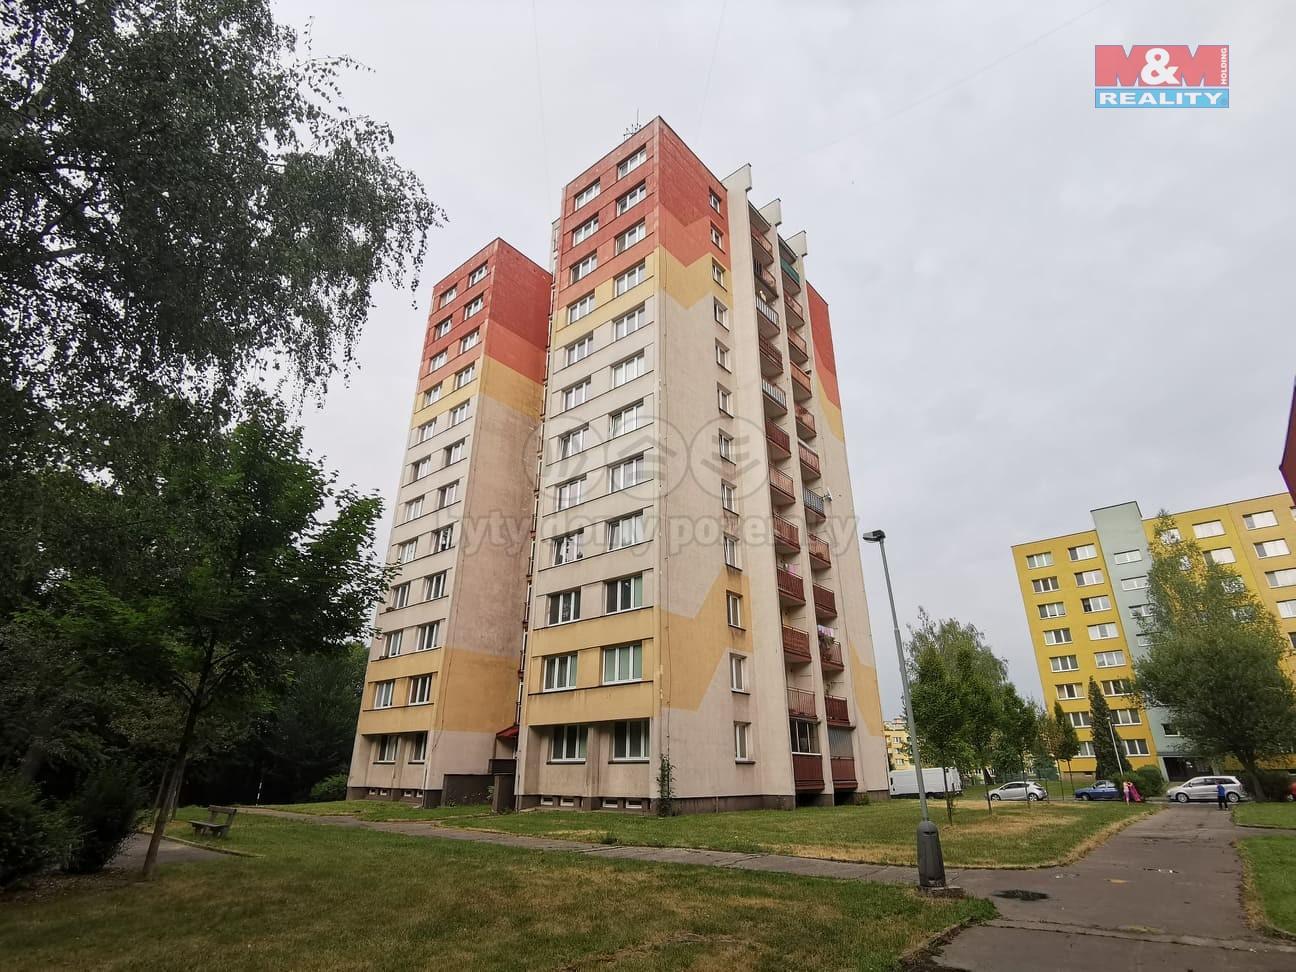 Prodej, byt 1+1, 48 m², Český Těšín, ul. Hornická